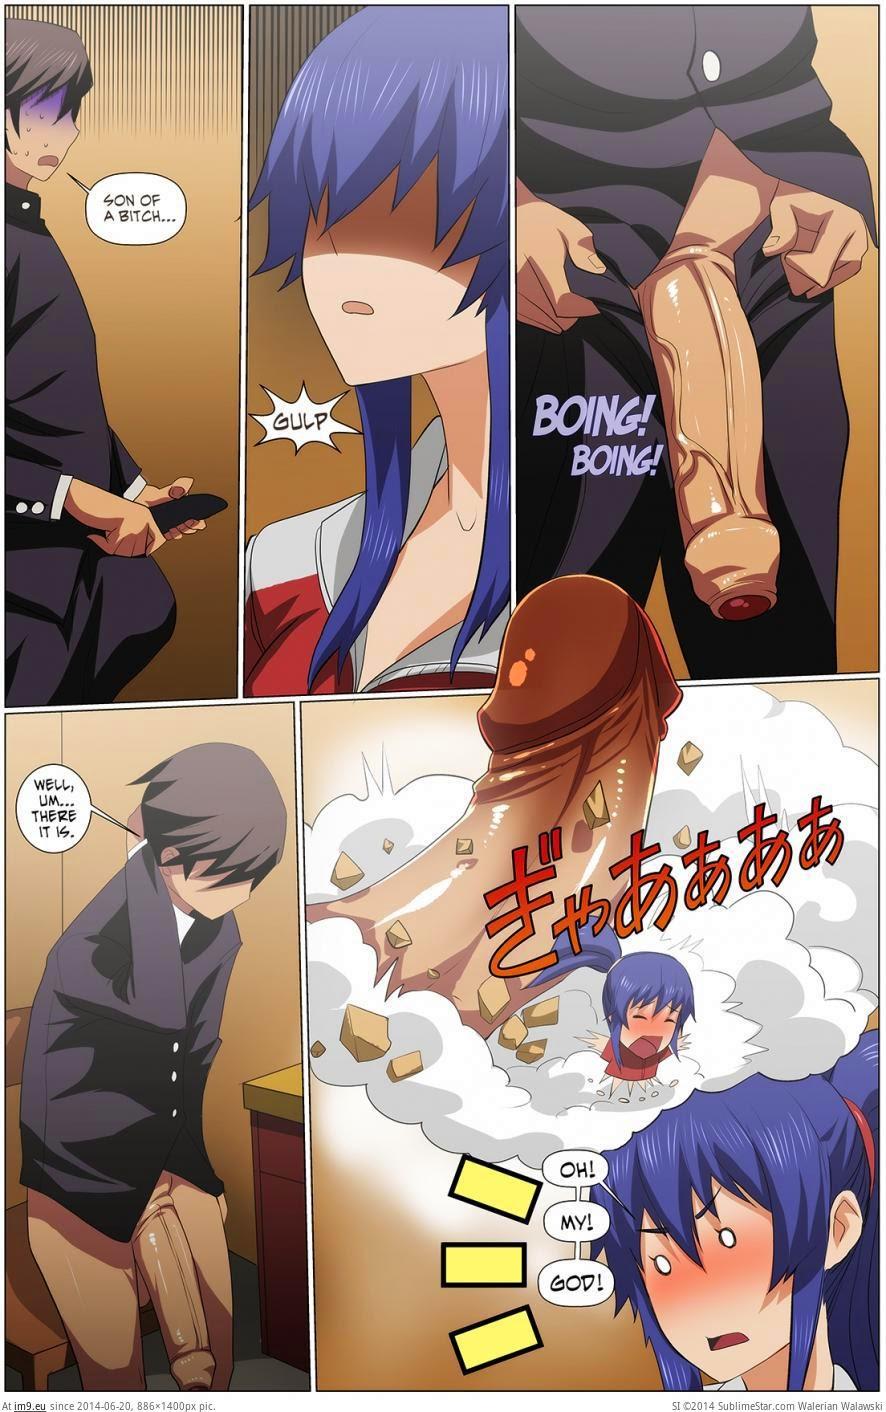 Anime God Porn manga porn comics pics photos - crpmb